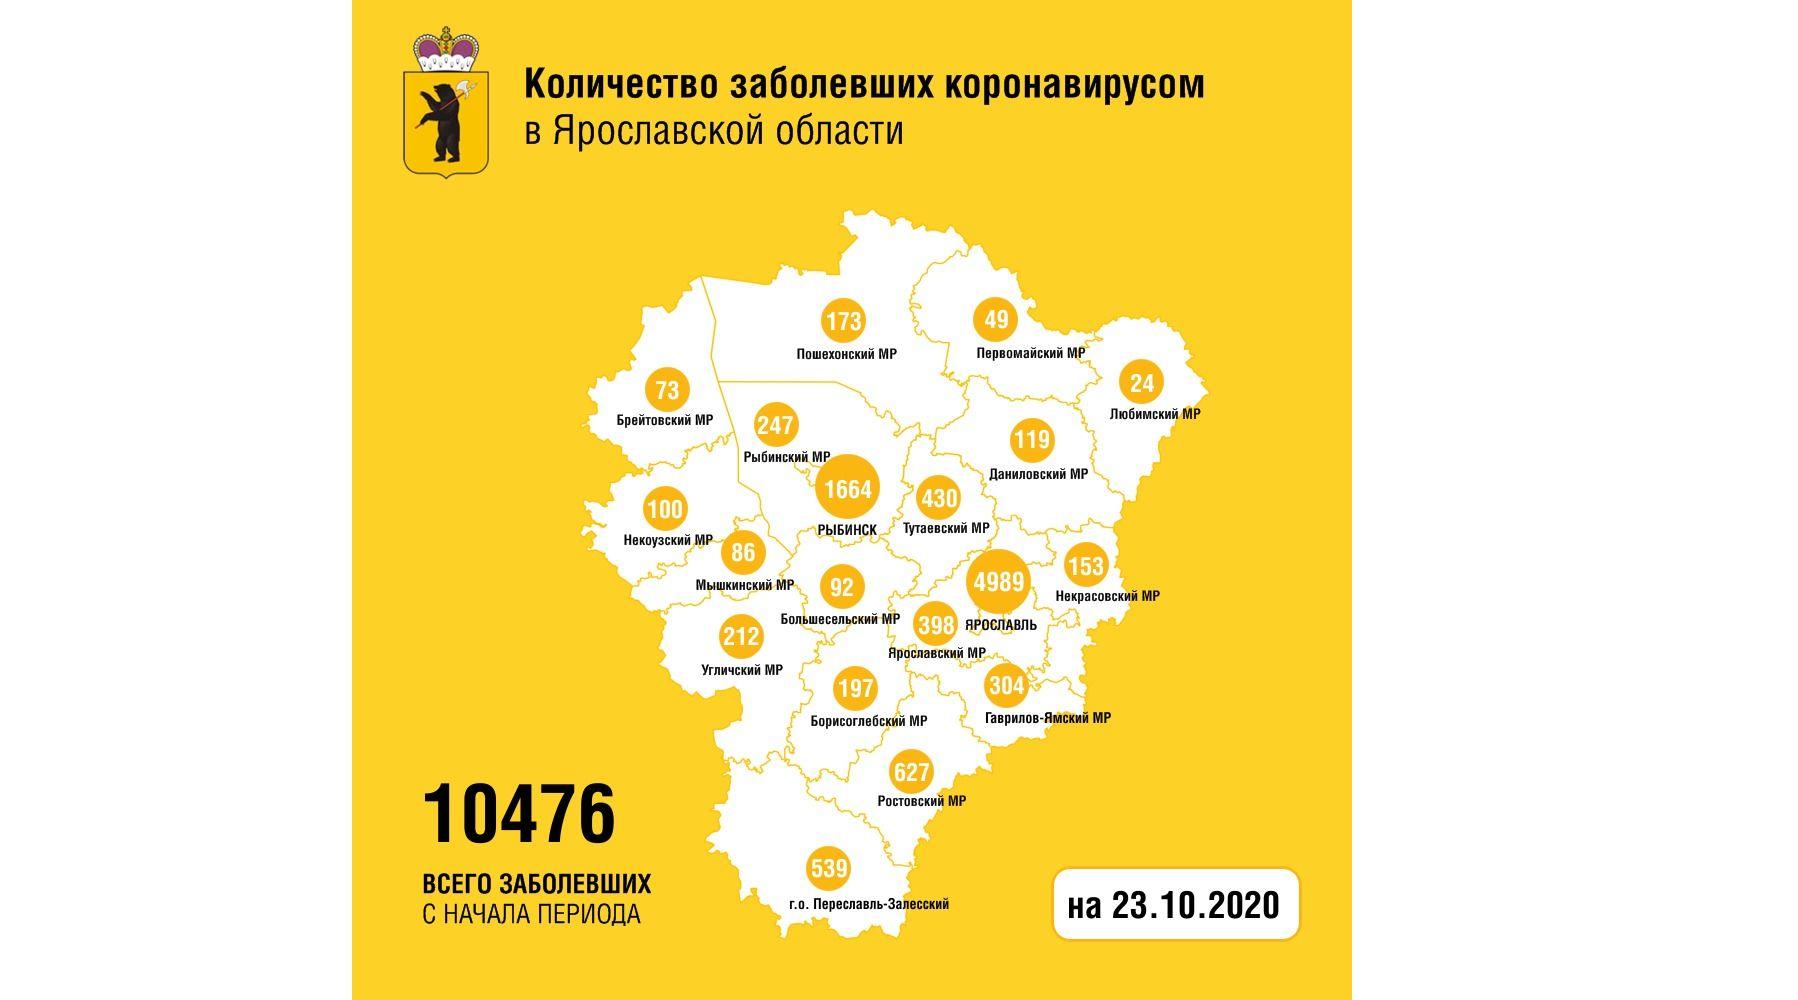 В Ярославской области вылечили от коронавируса еще 117 человек, 113 жителей региона заболели